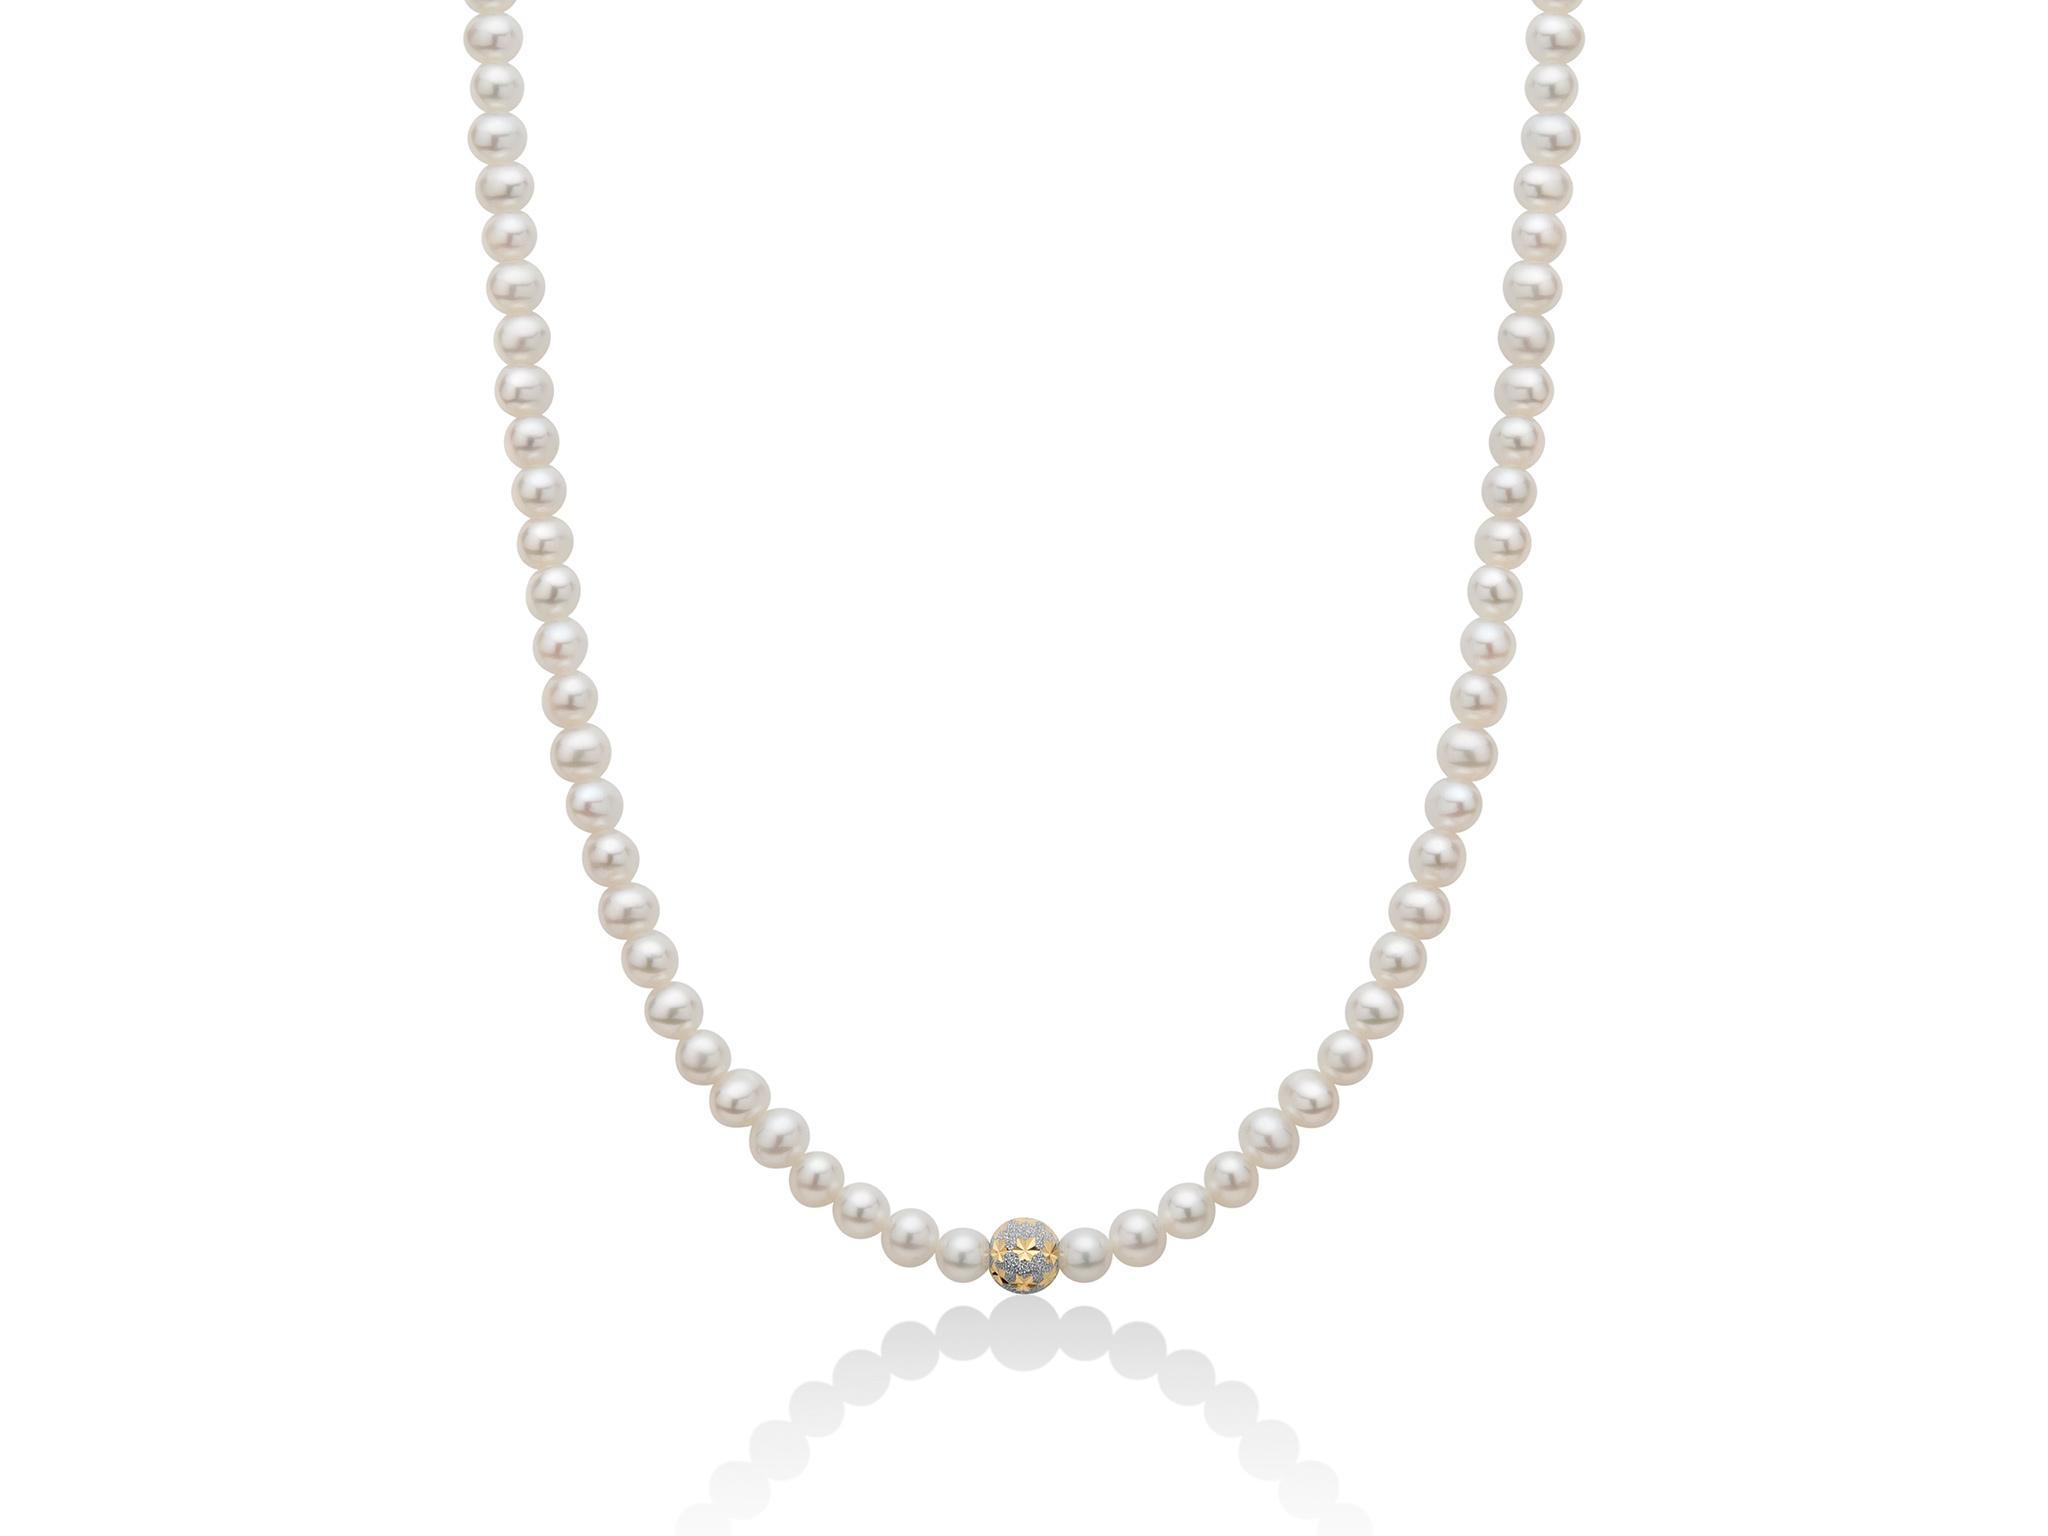 Collana di perle con boule stellata in oro giallo - PCL5904V